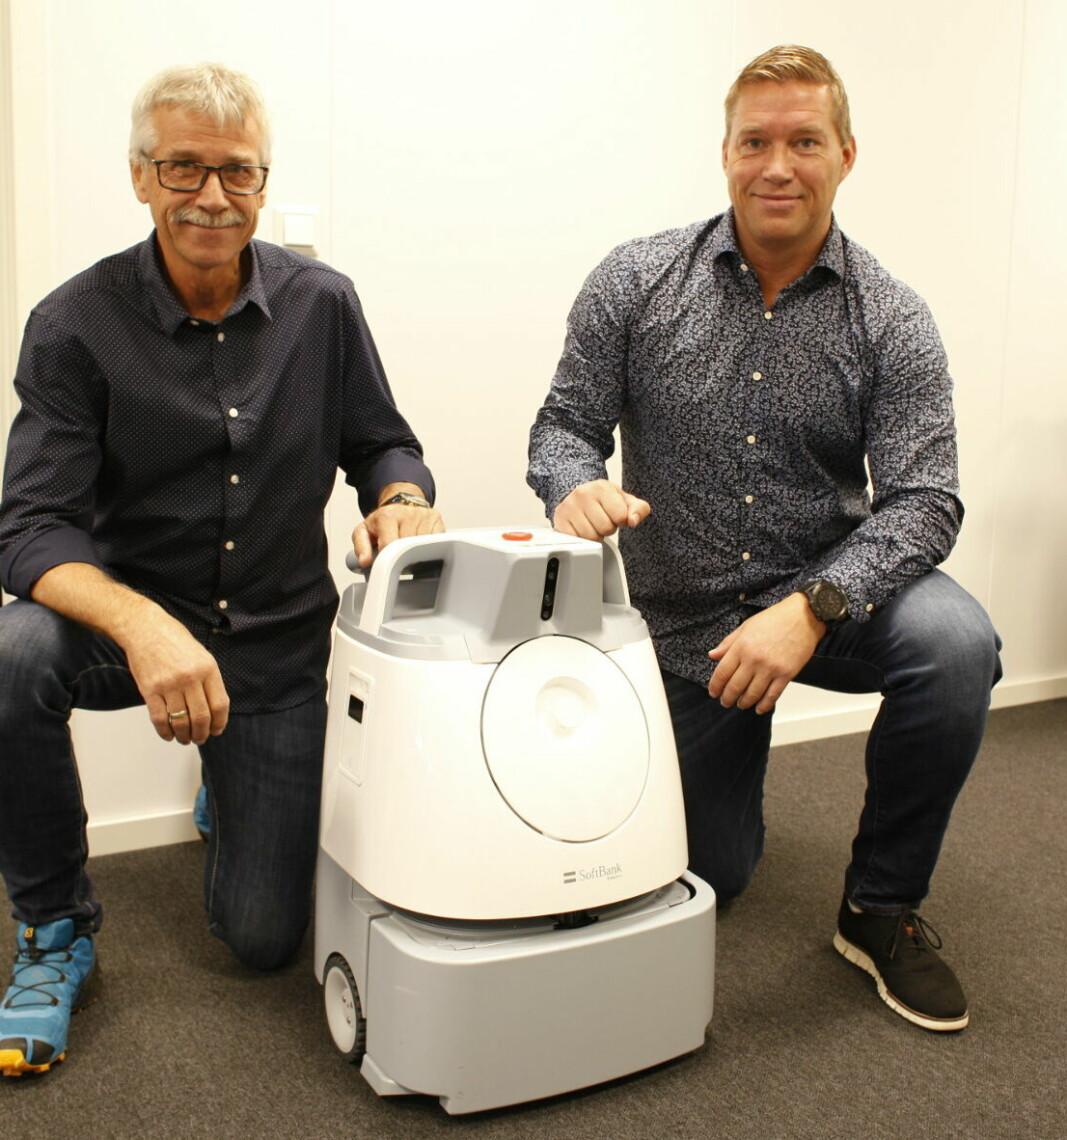 BOSS Europe vil stille med både små og store roboter under BRV-messen. Her er Kent Sogn (som begynner formelt hos BOSS Europe 1/1-22) og Kenneth Arntzen med Whiz støvsugerrobot fra SoftBank Robotics. Whiz kommer i tillegg med en liten nyhet.